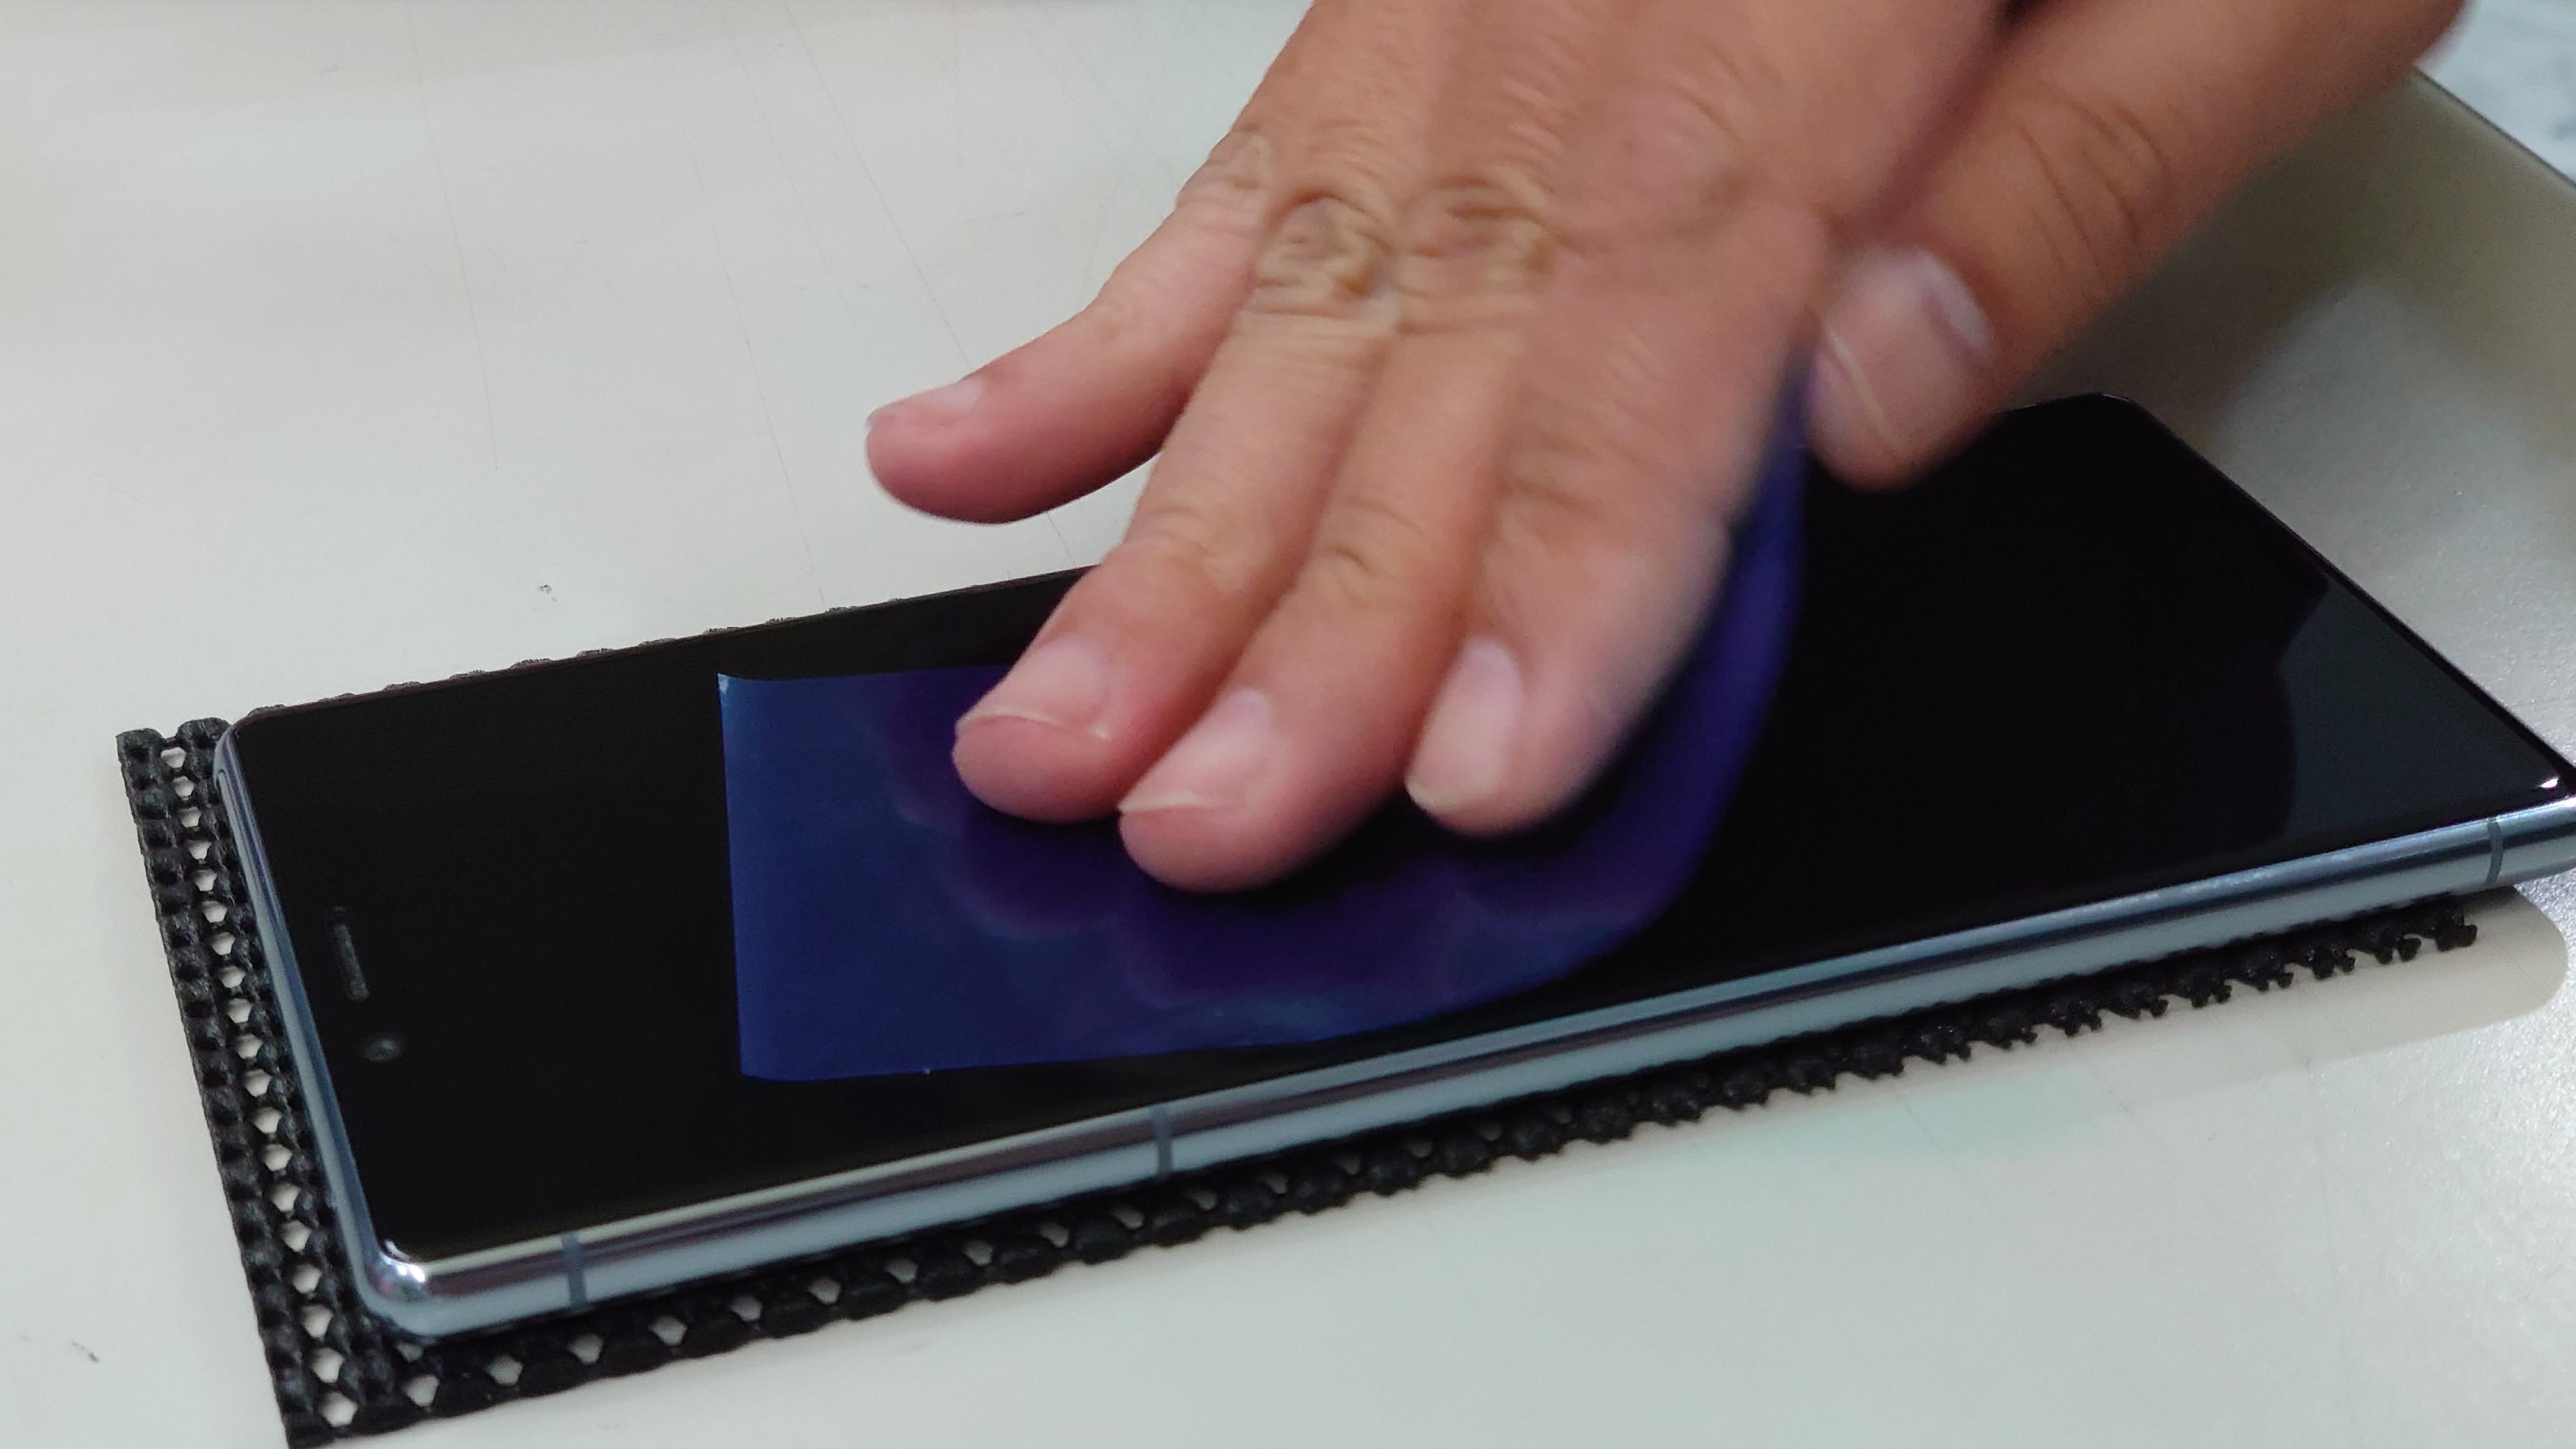 「開箱分享」日系手機配件RASTA BANANA,Xperia 1兼顧美型外觀及手機保護一次滿足 - 4